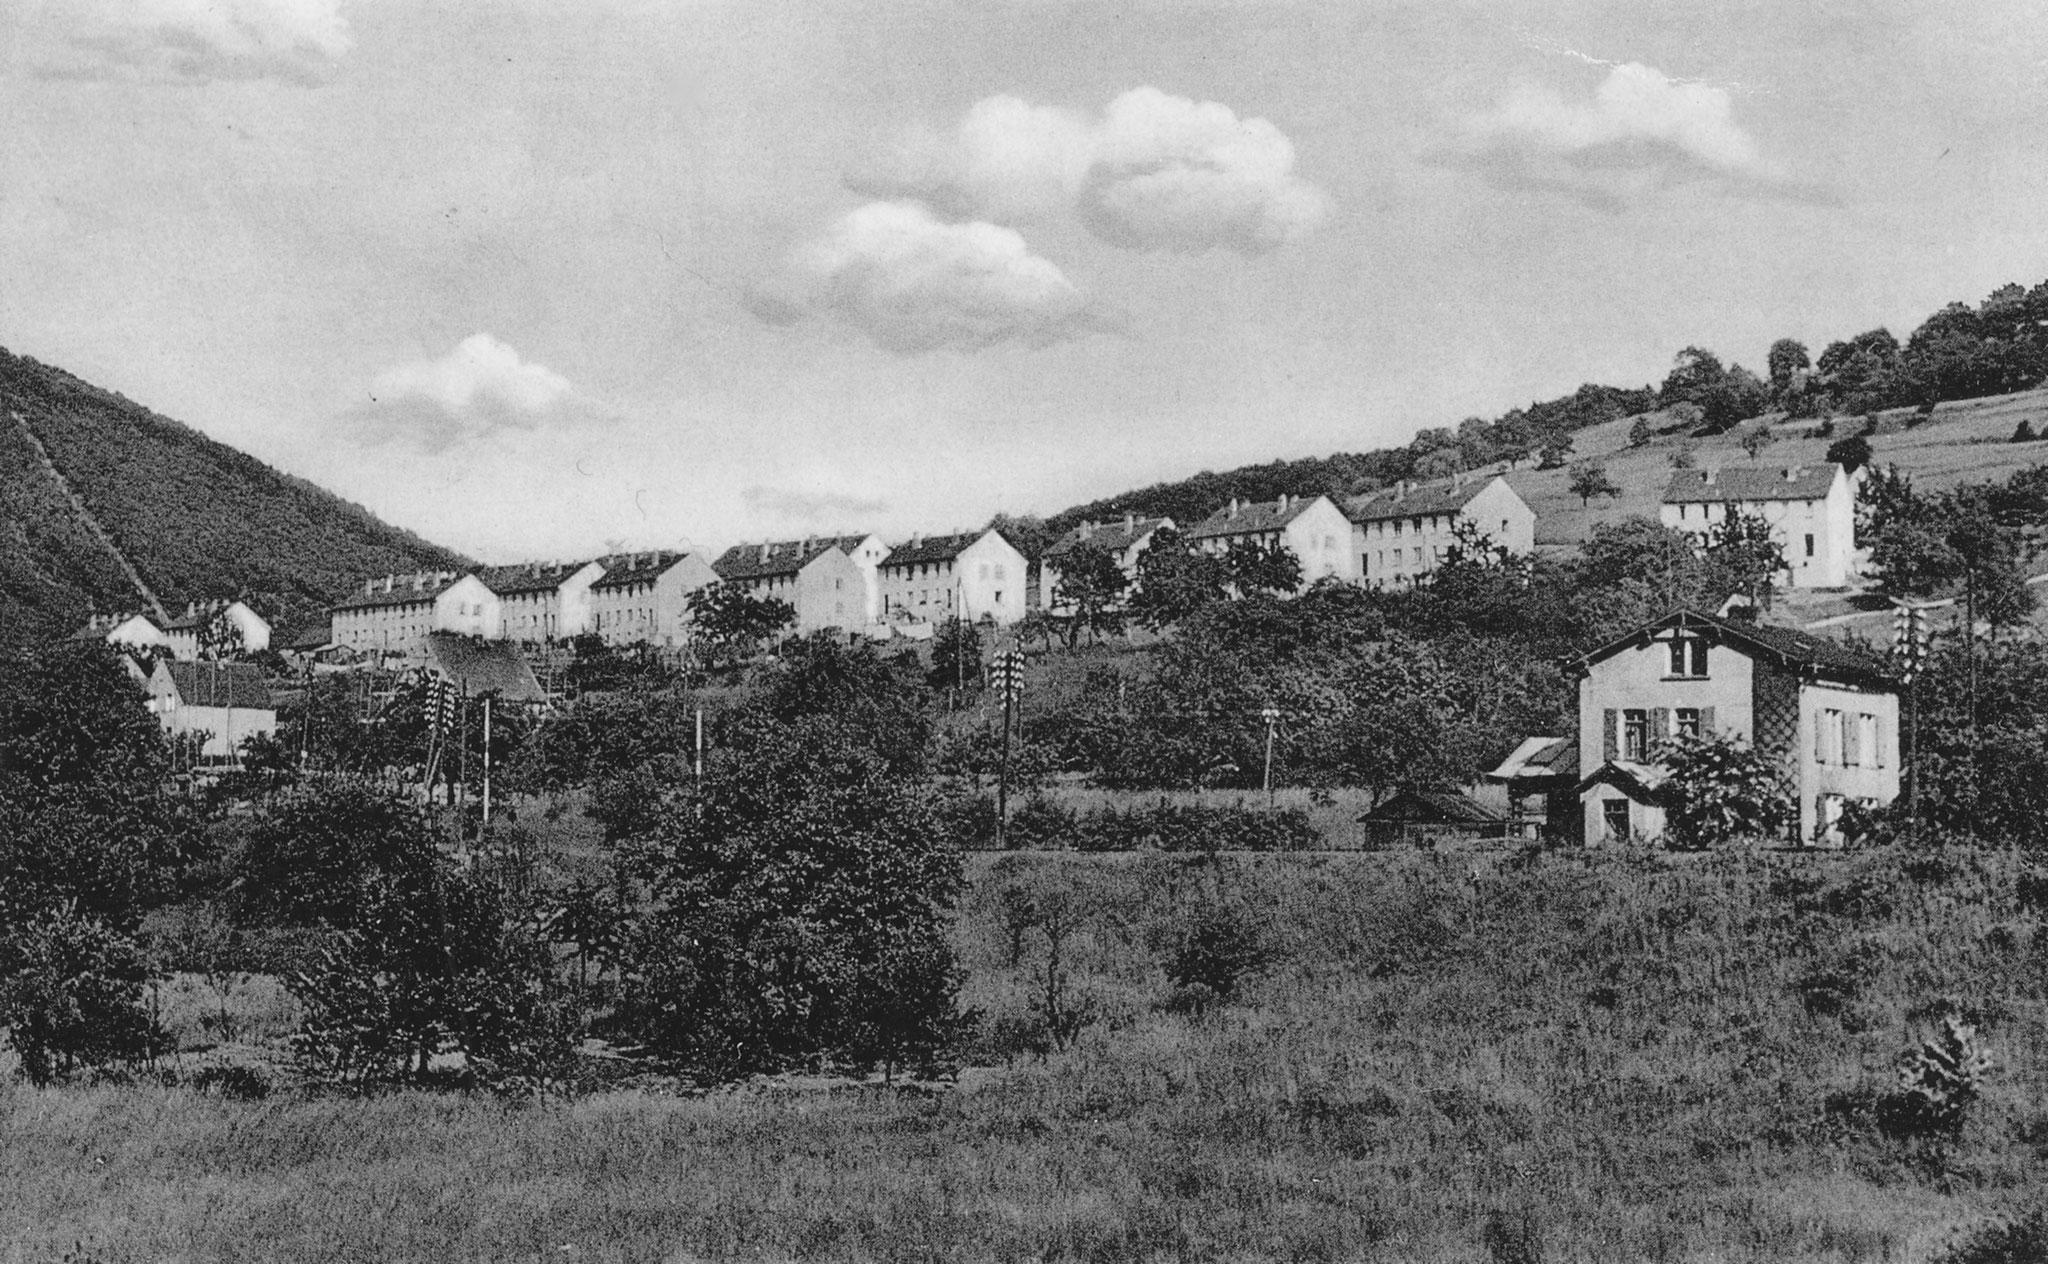 Siedung Fiedland oberhalb der rechte Rheitalbahn 1954